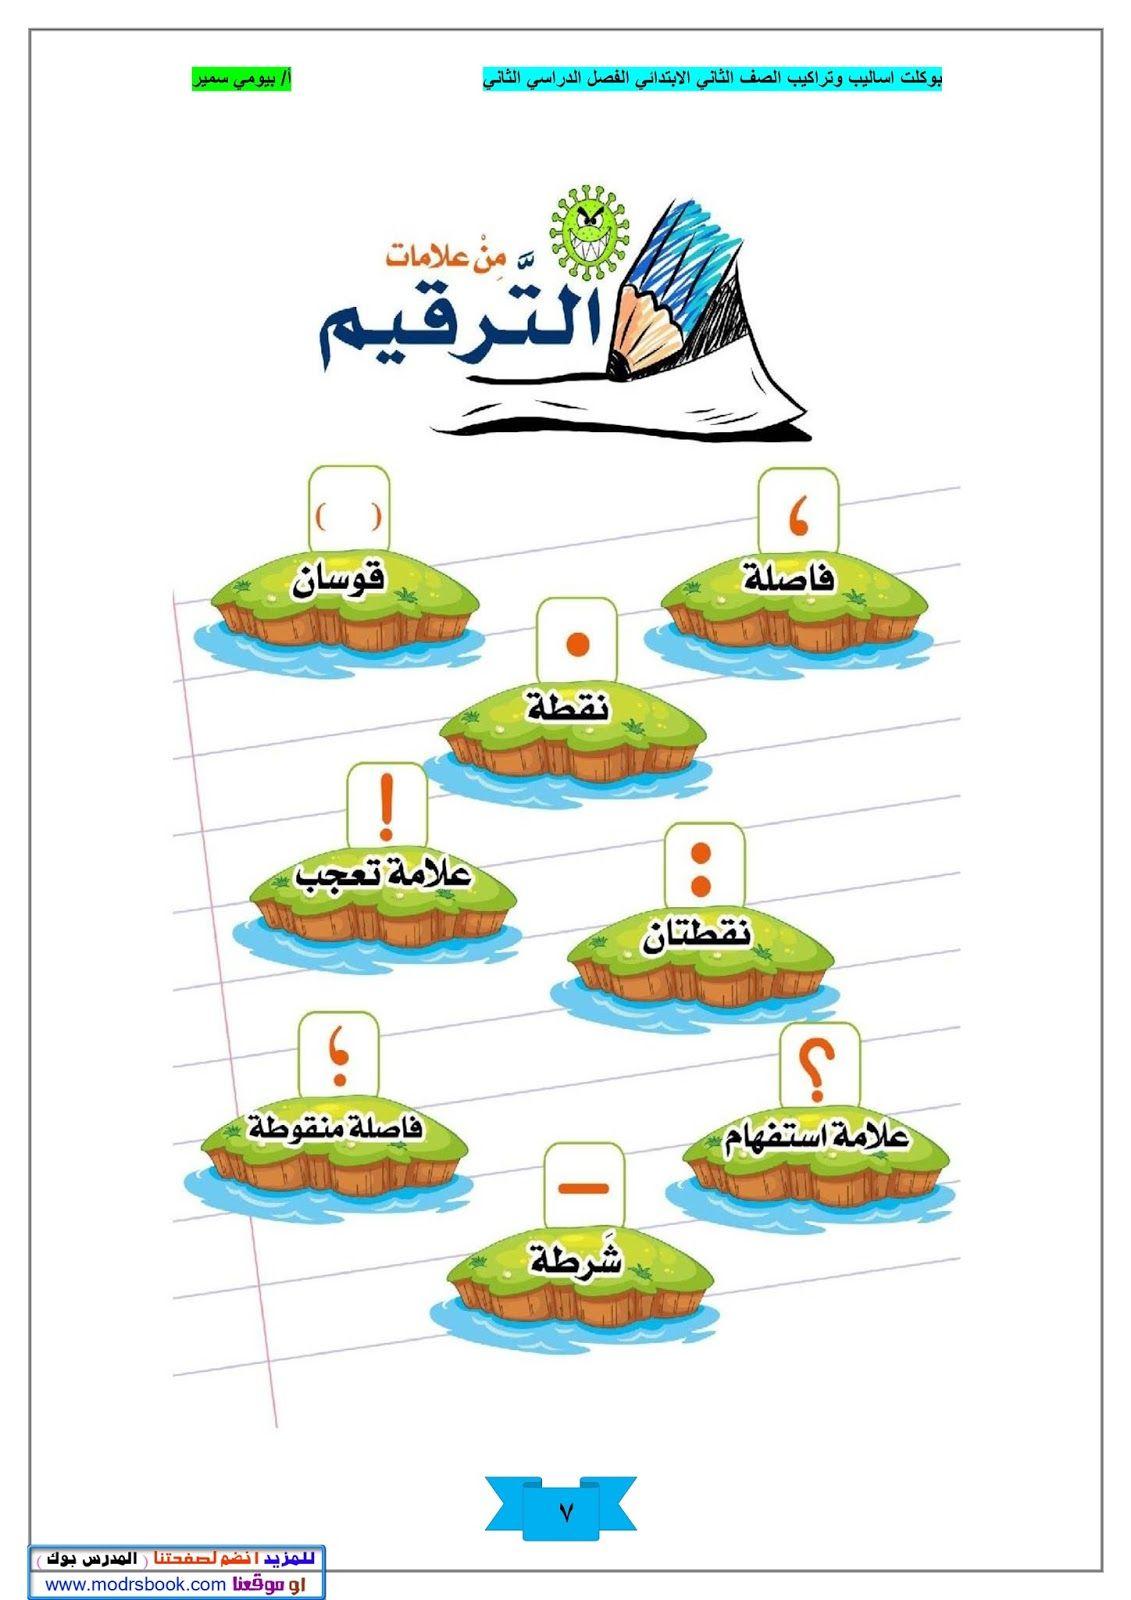 مذكرة اساليب وتراكيب للصفوف الاولي Pdf أوراق عمل وتمارين للاساليب Arabic Language Arabic Kids Arabic Alphabet For Kids